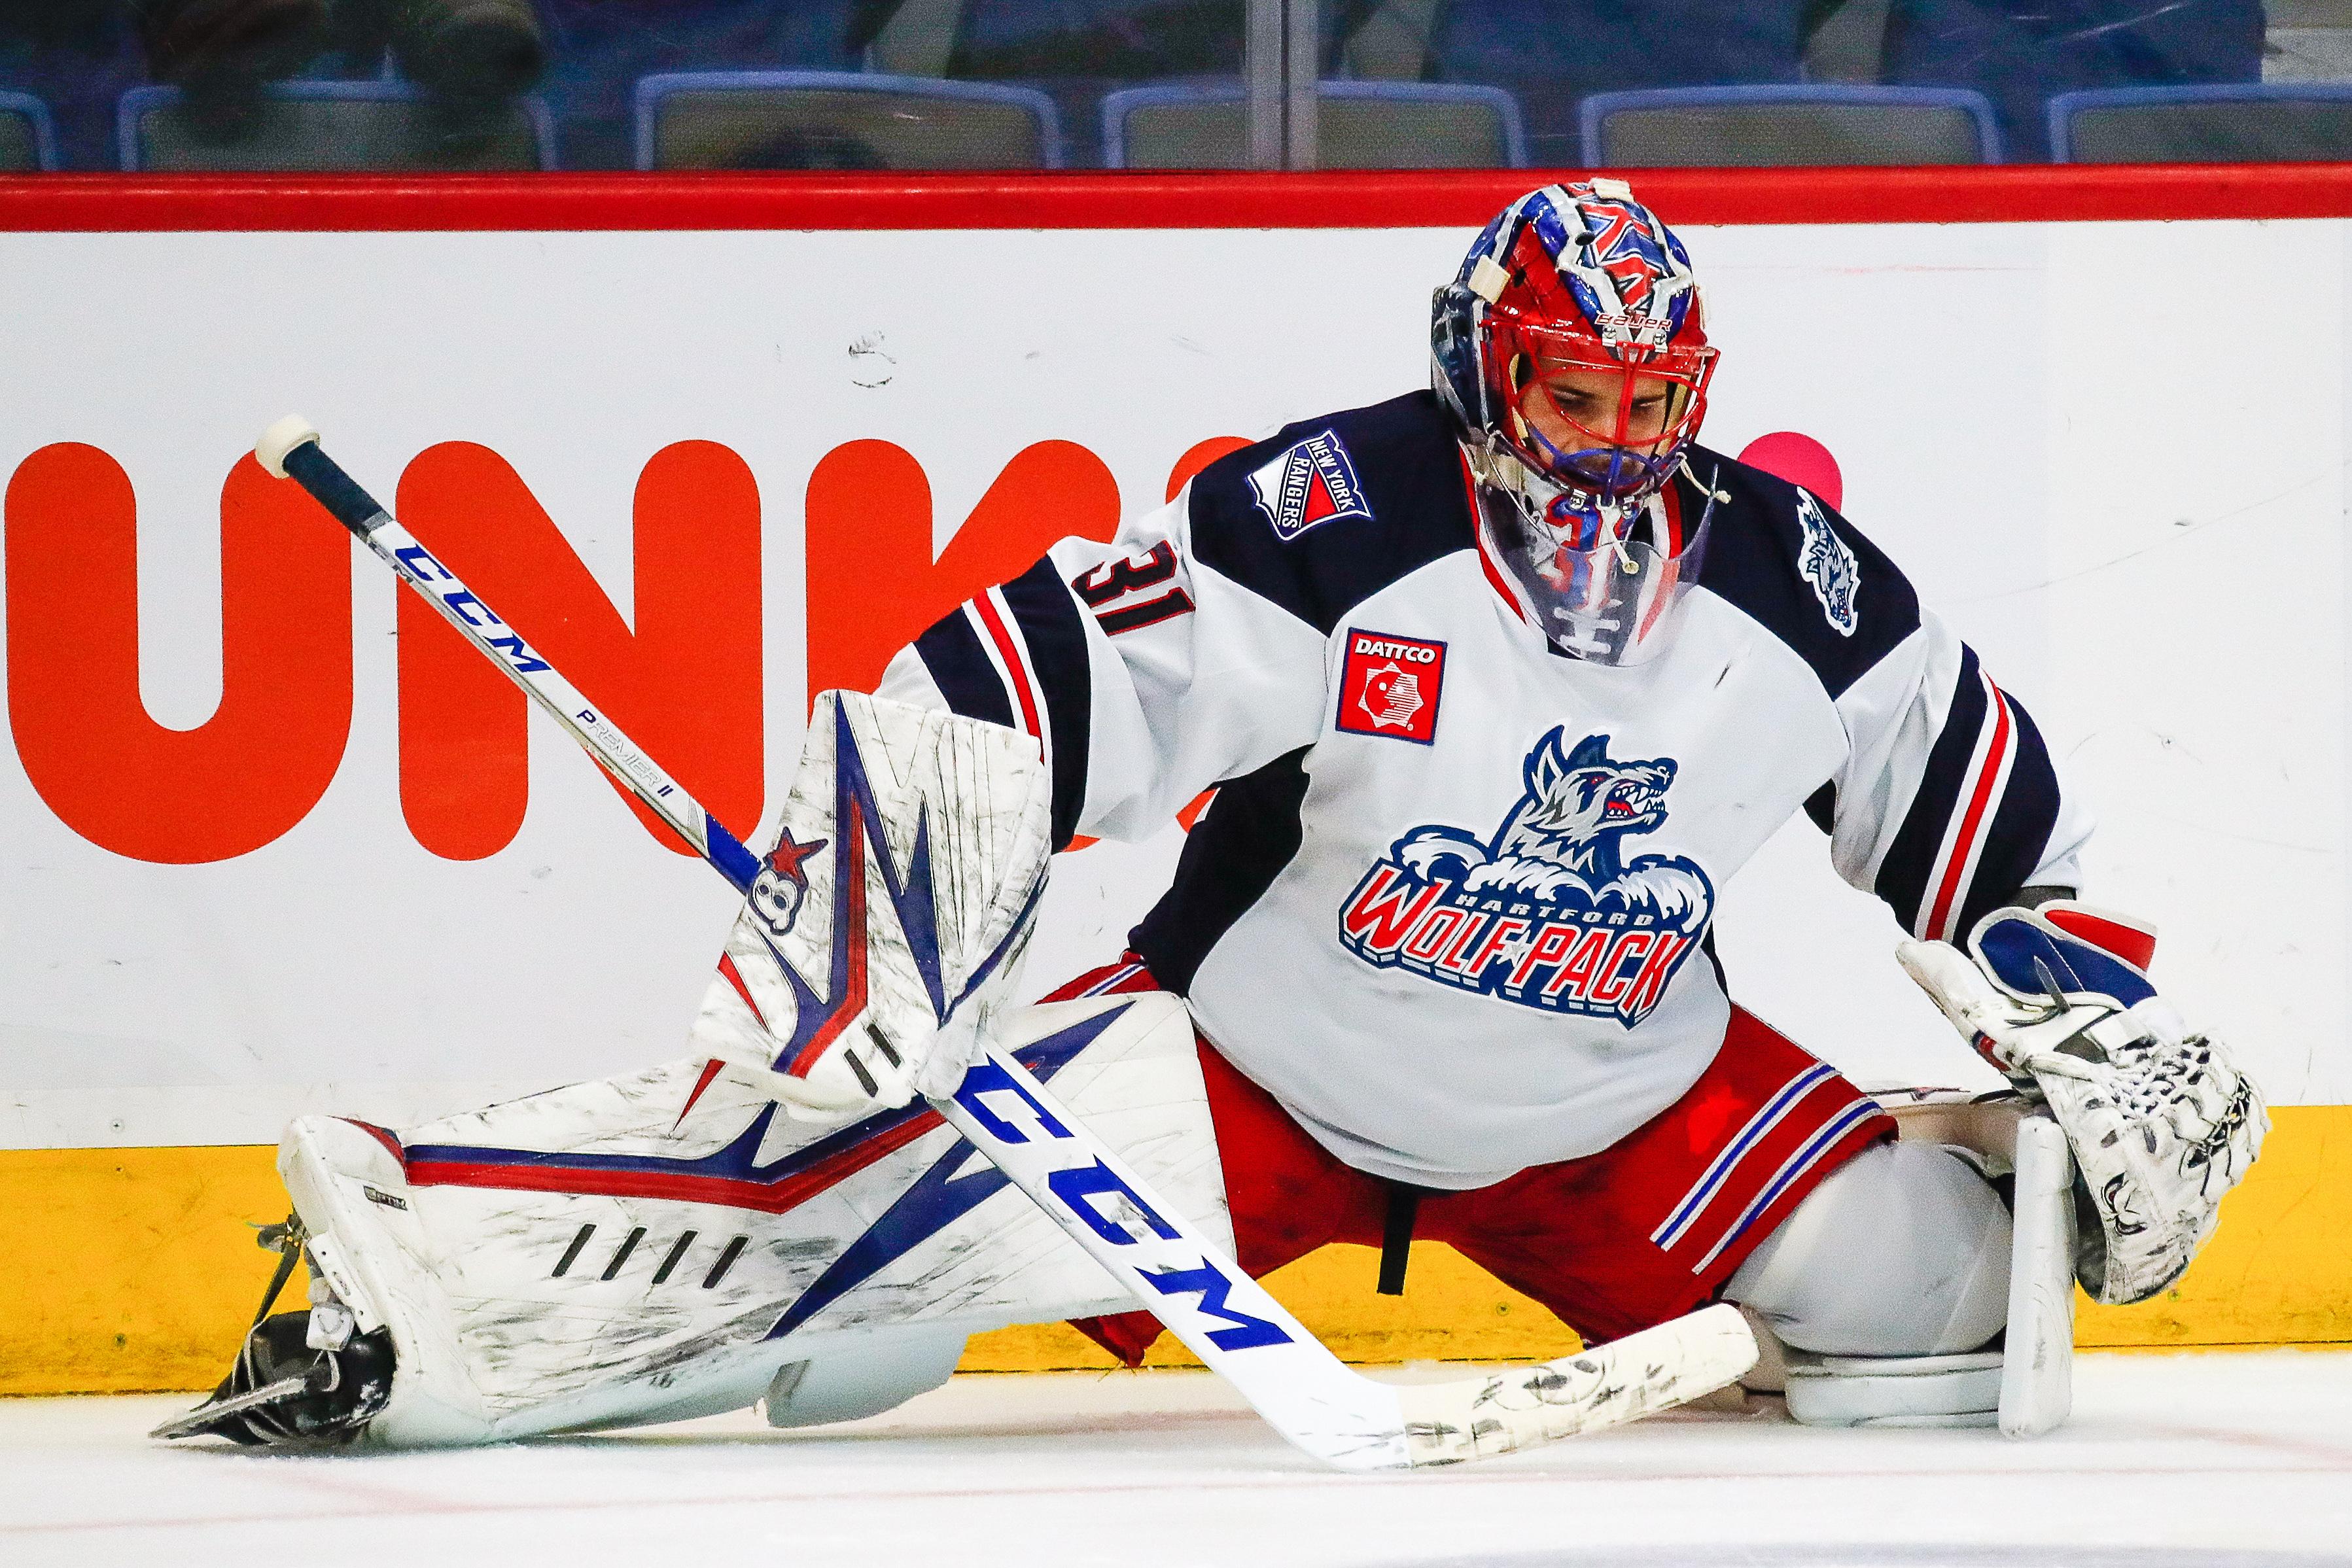 AHL: OCT 18 Springfield Thunderbirds at Hartford Wolf Pack